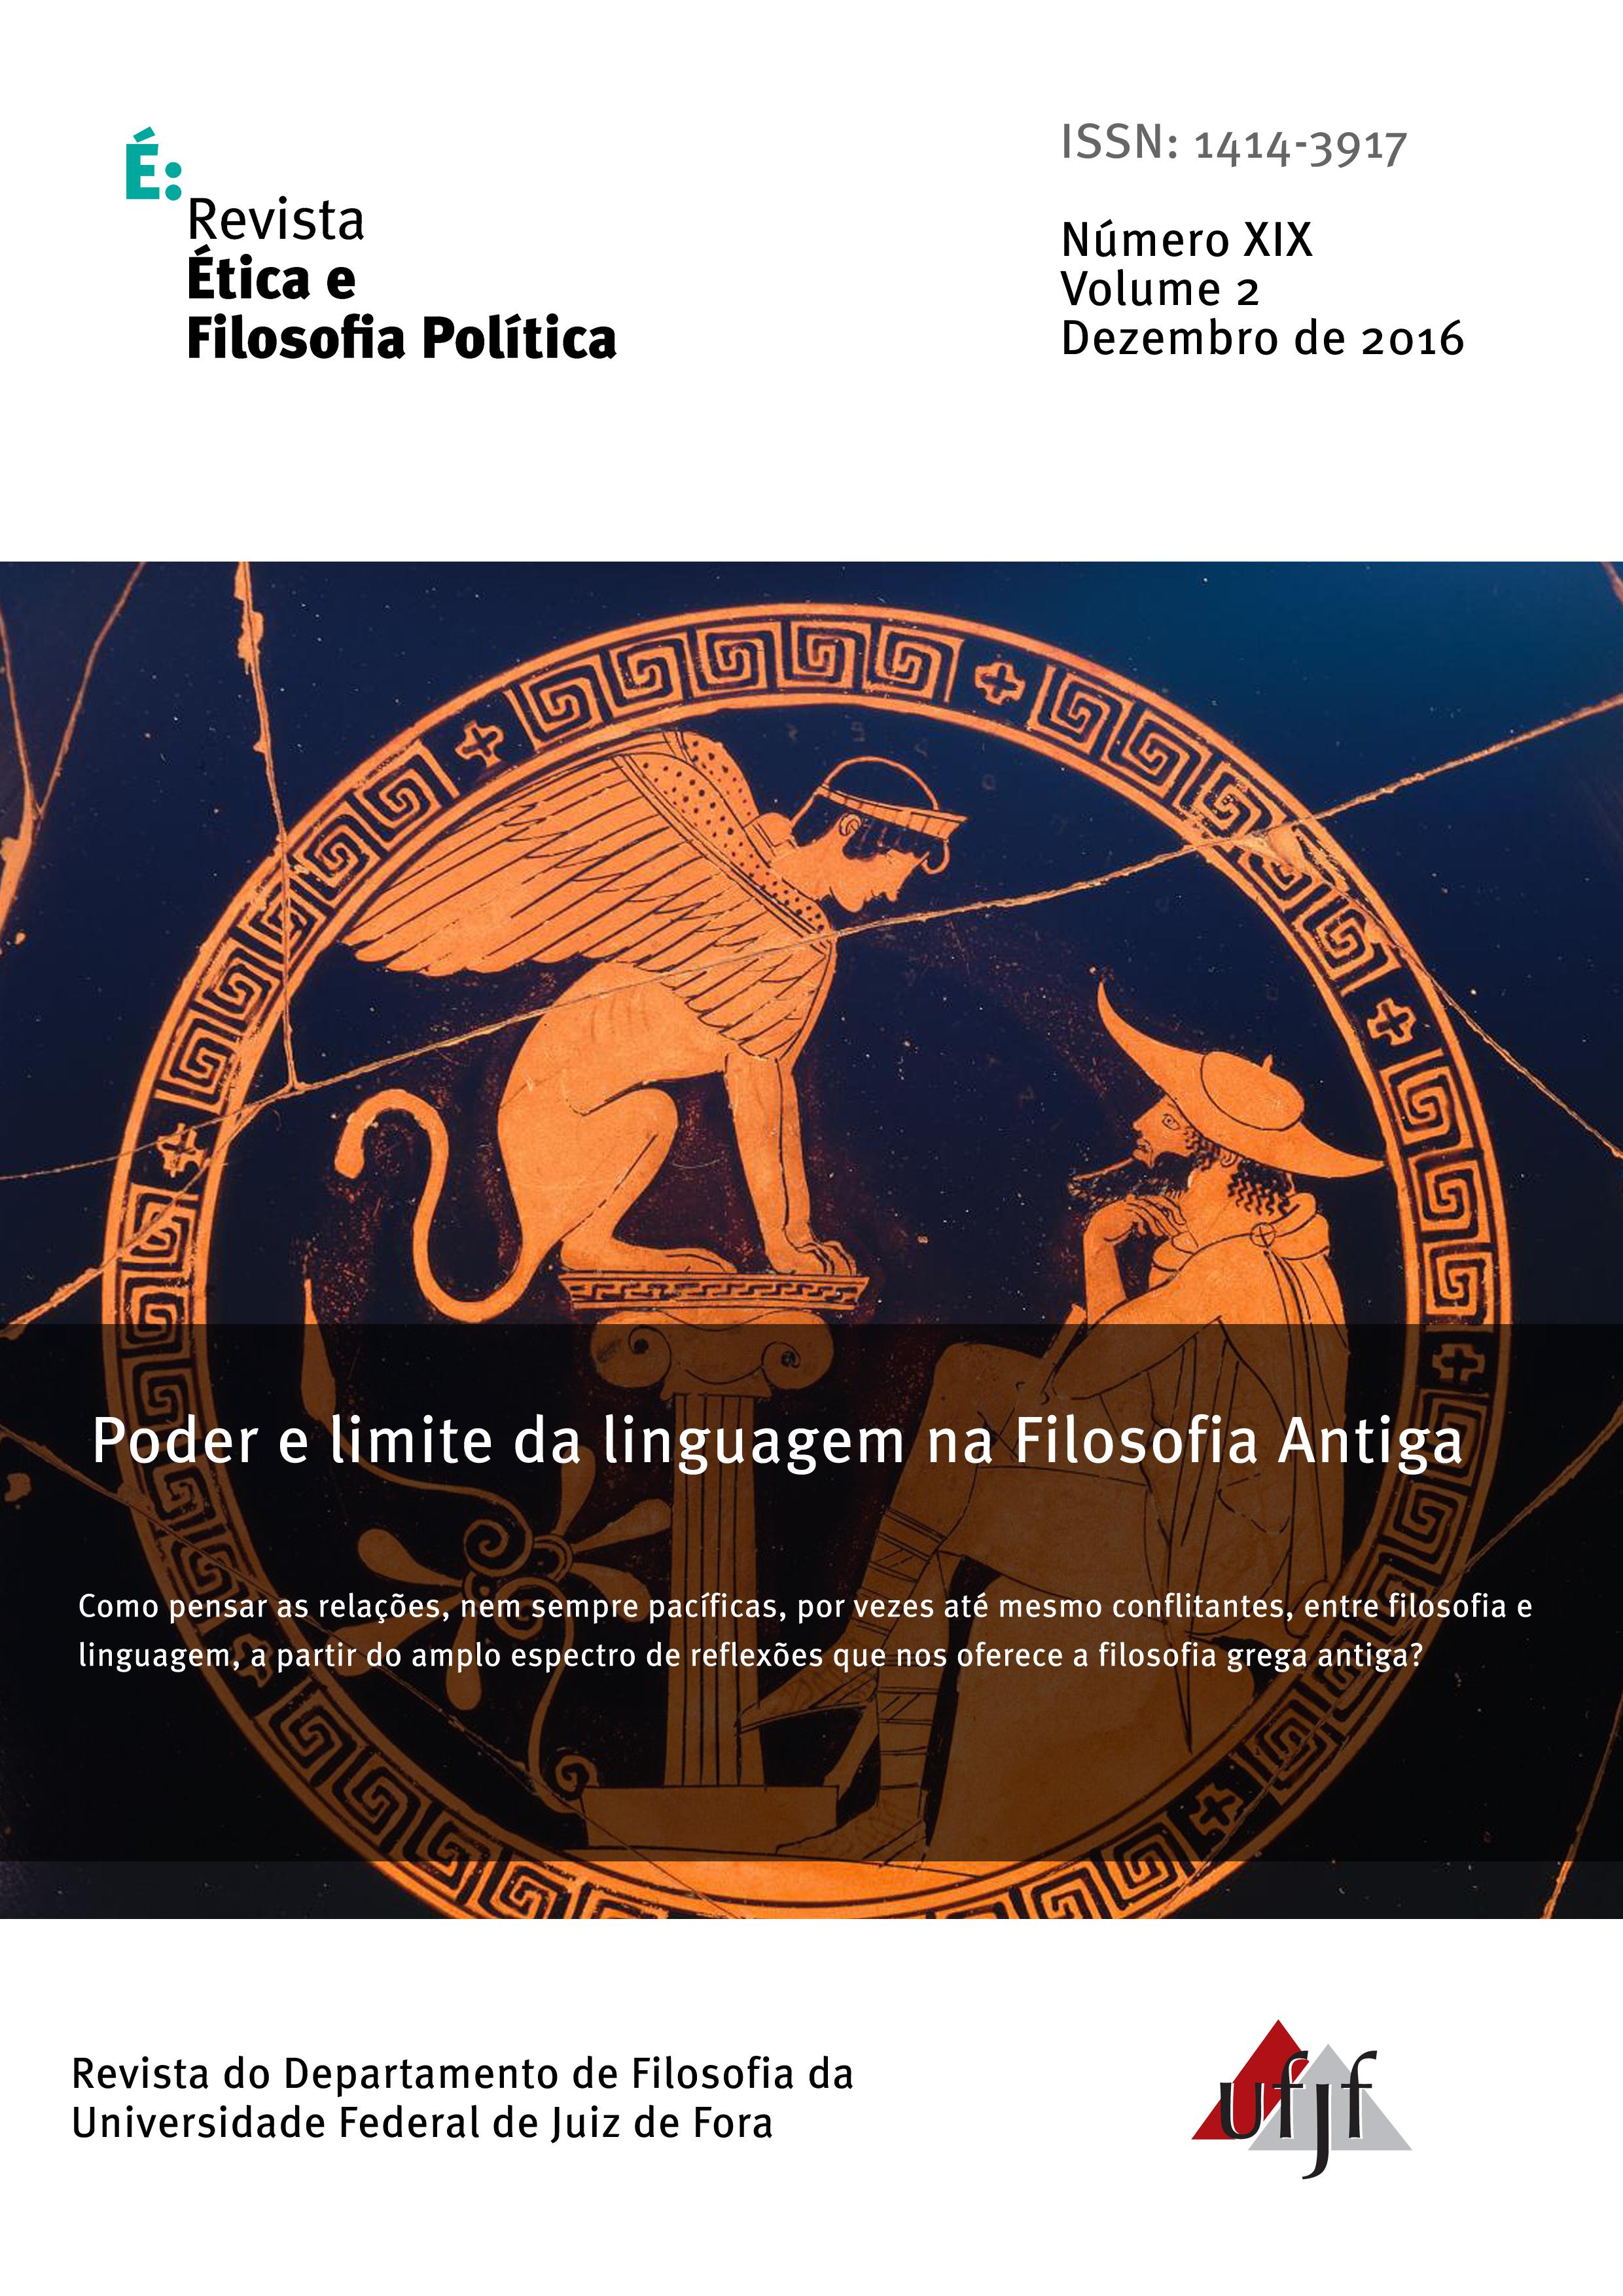 Visualizar v. 2 n. 19 (2016): Poder e limite da linguagem na Filosofia Antiga